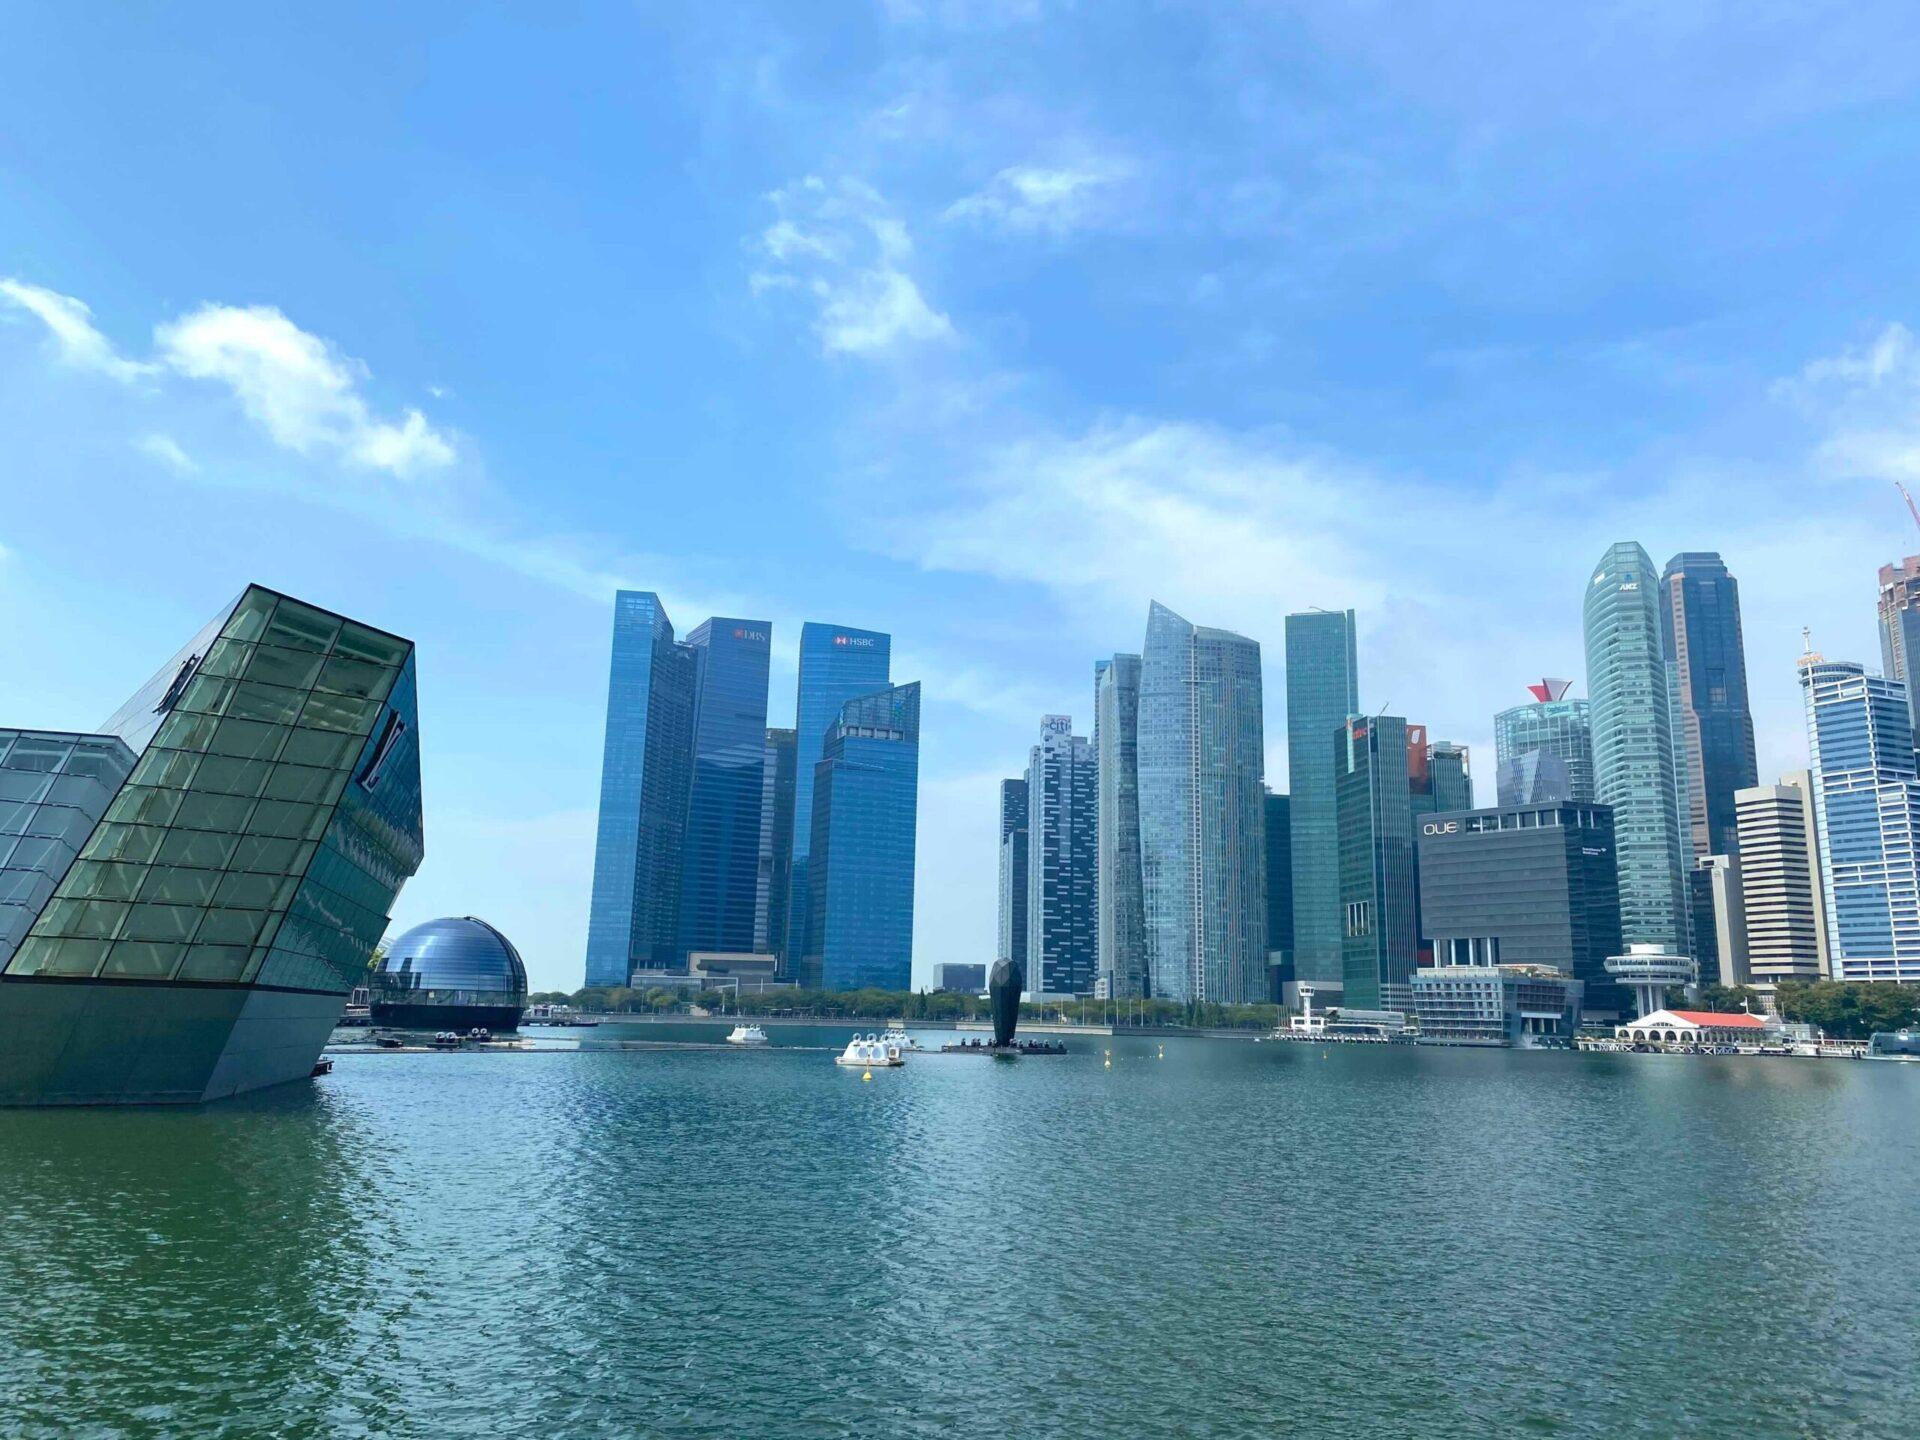 シンガポールらしさを十二分に満喫できる<マリーナエリア>